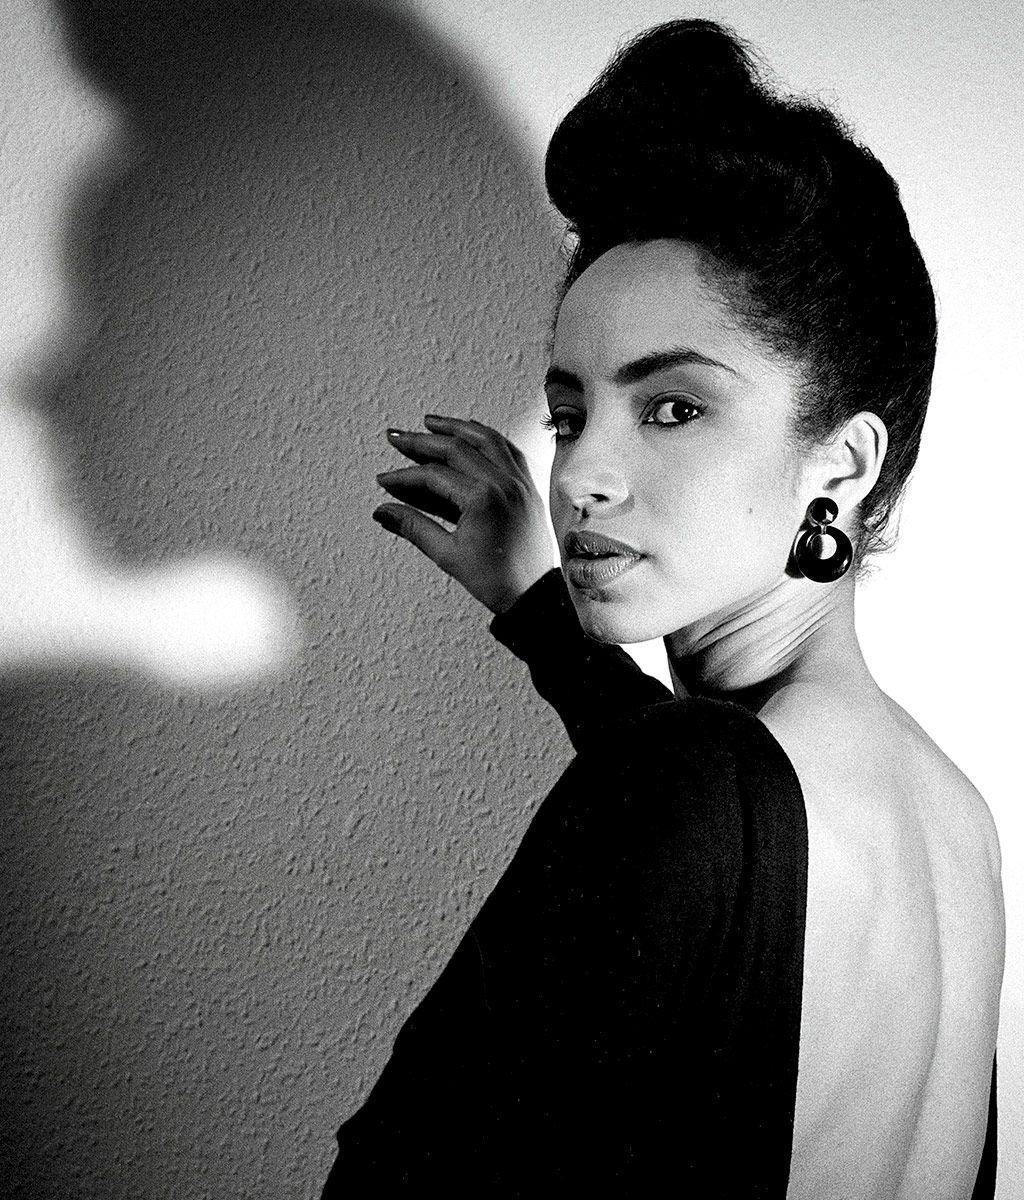 Sade - Singer, Songwriter - Biography